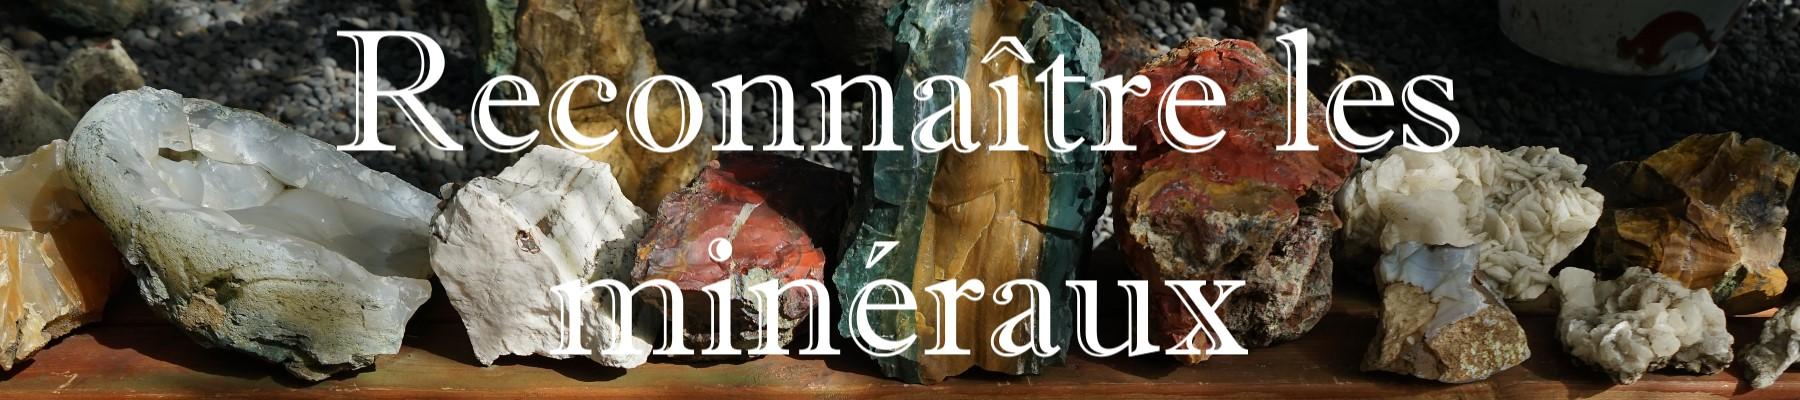 mineral-identification-pierre-precieuse-pierre-naturelle-cristaux-identifier-comment-reconnaitre-guide